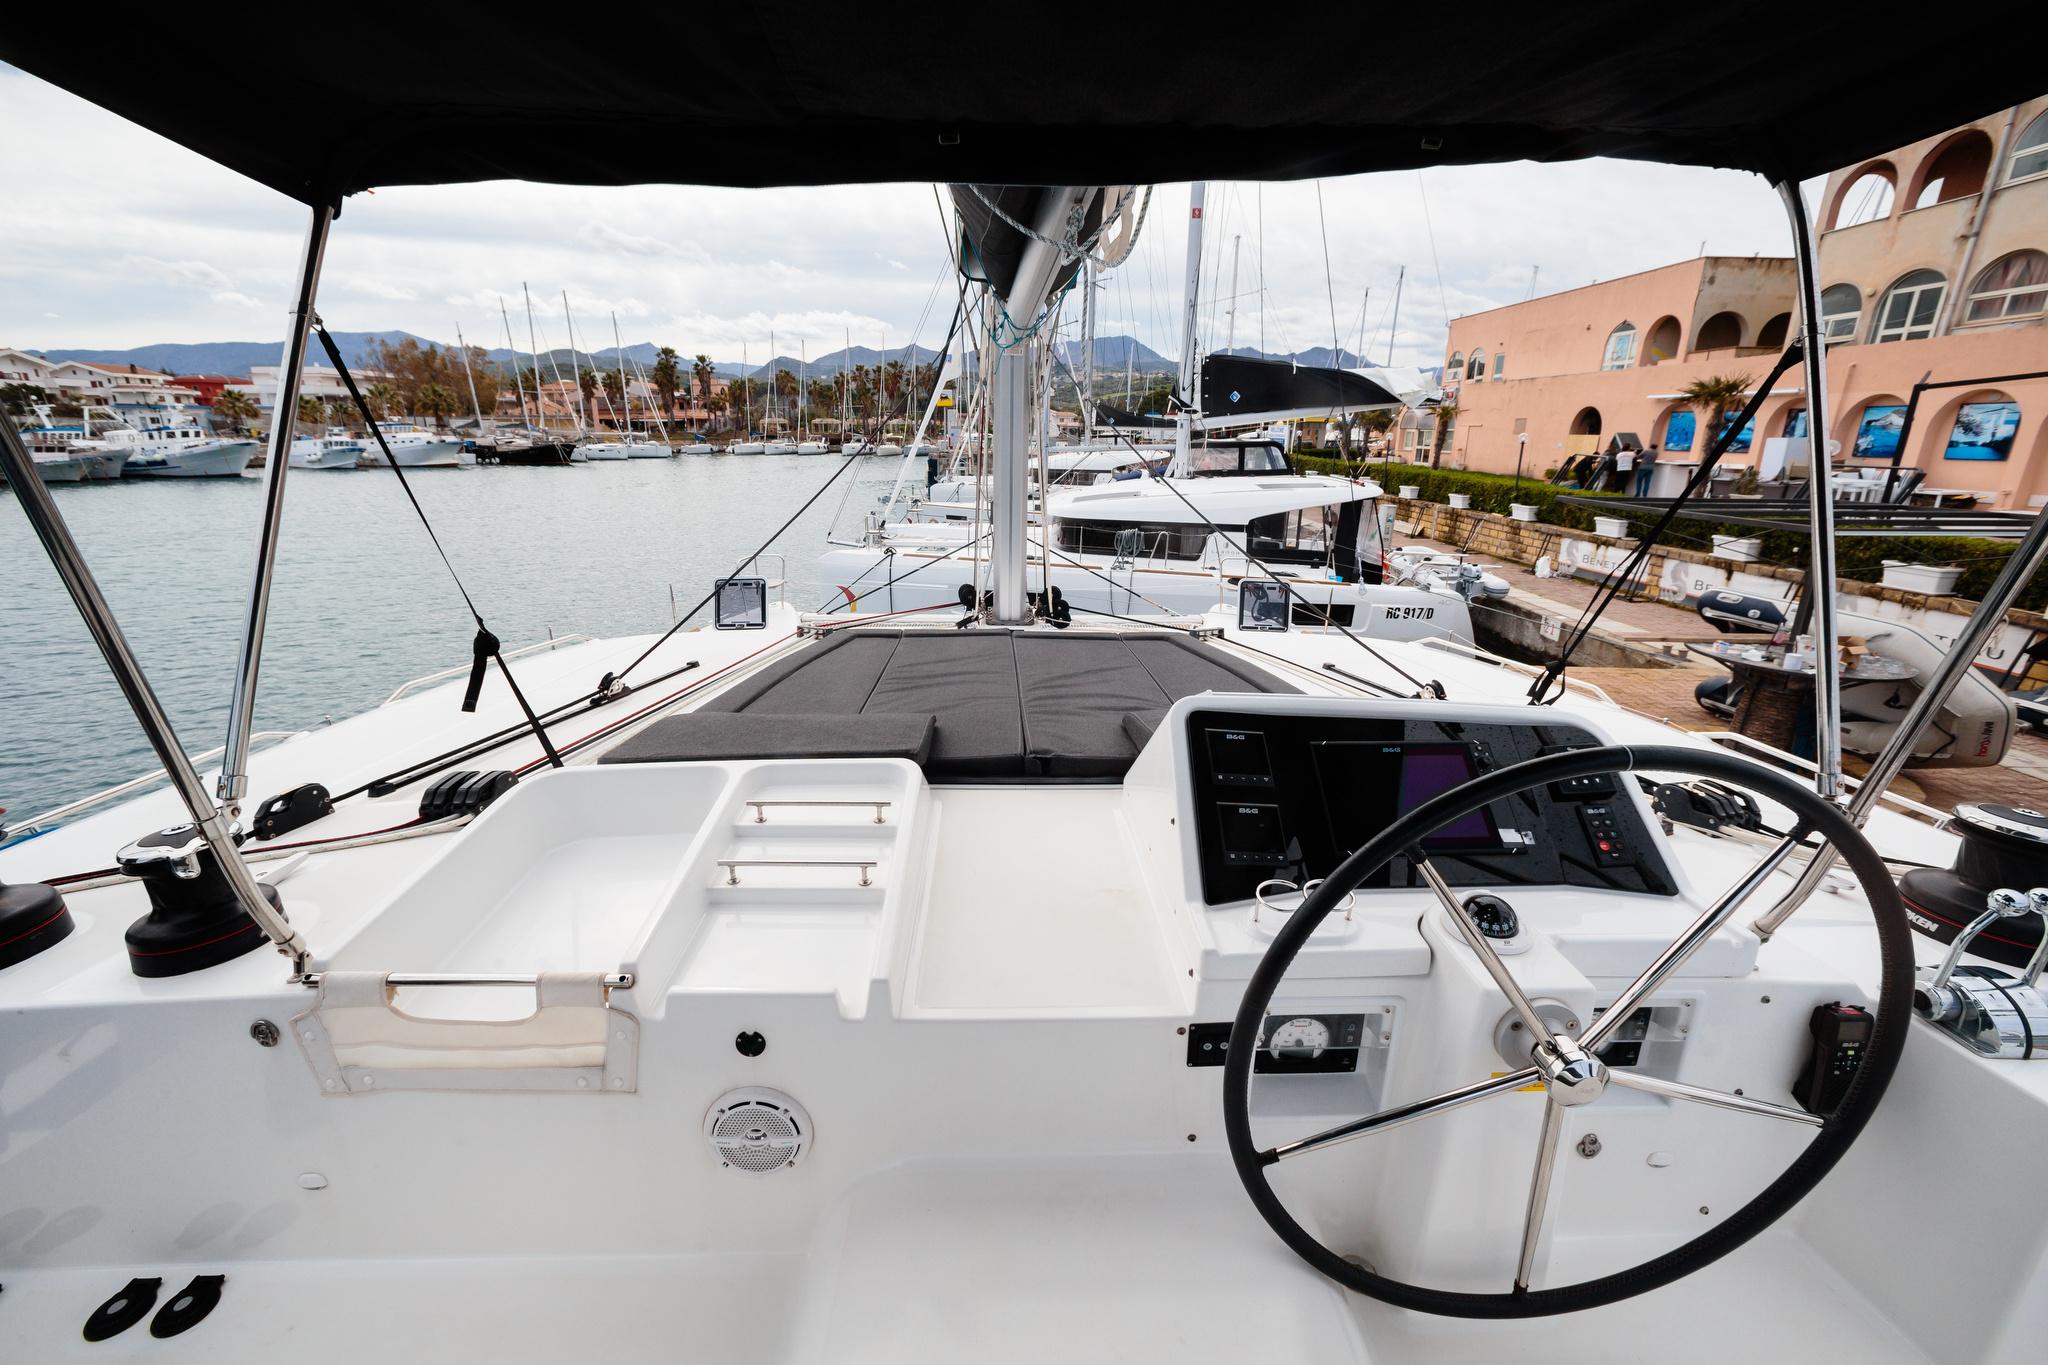 Lagoon 450 (Didyme) timone + strumenti esterni - 12